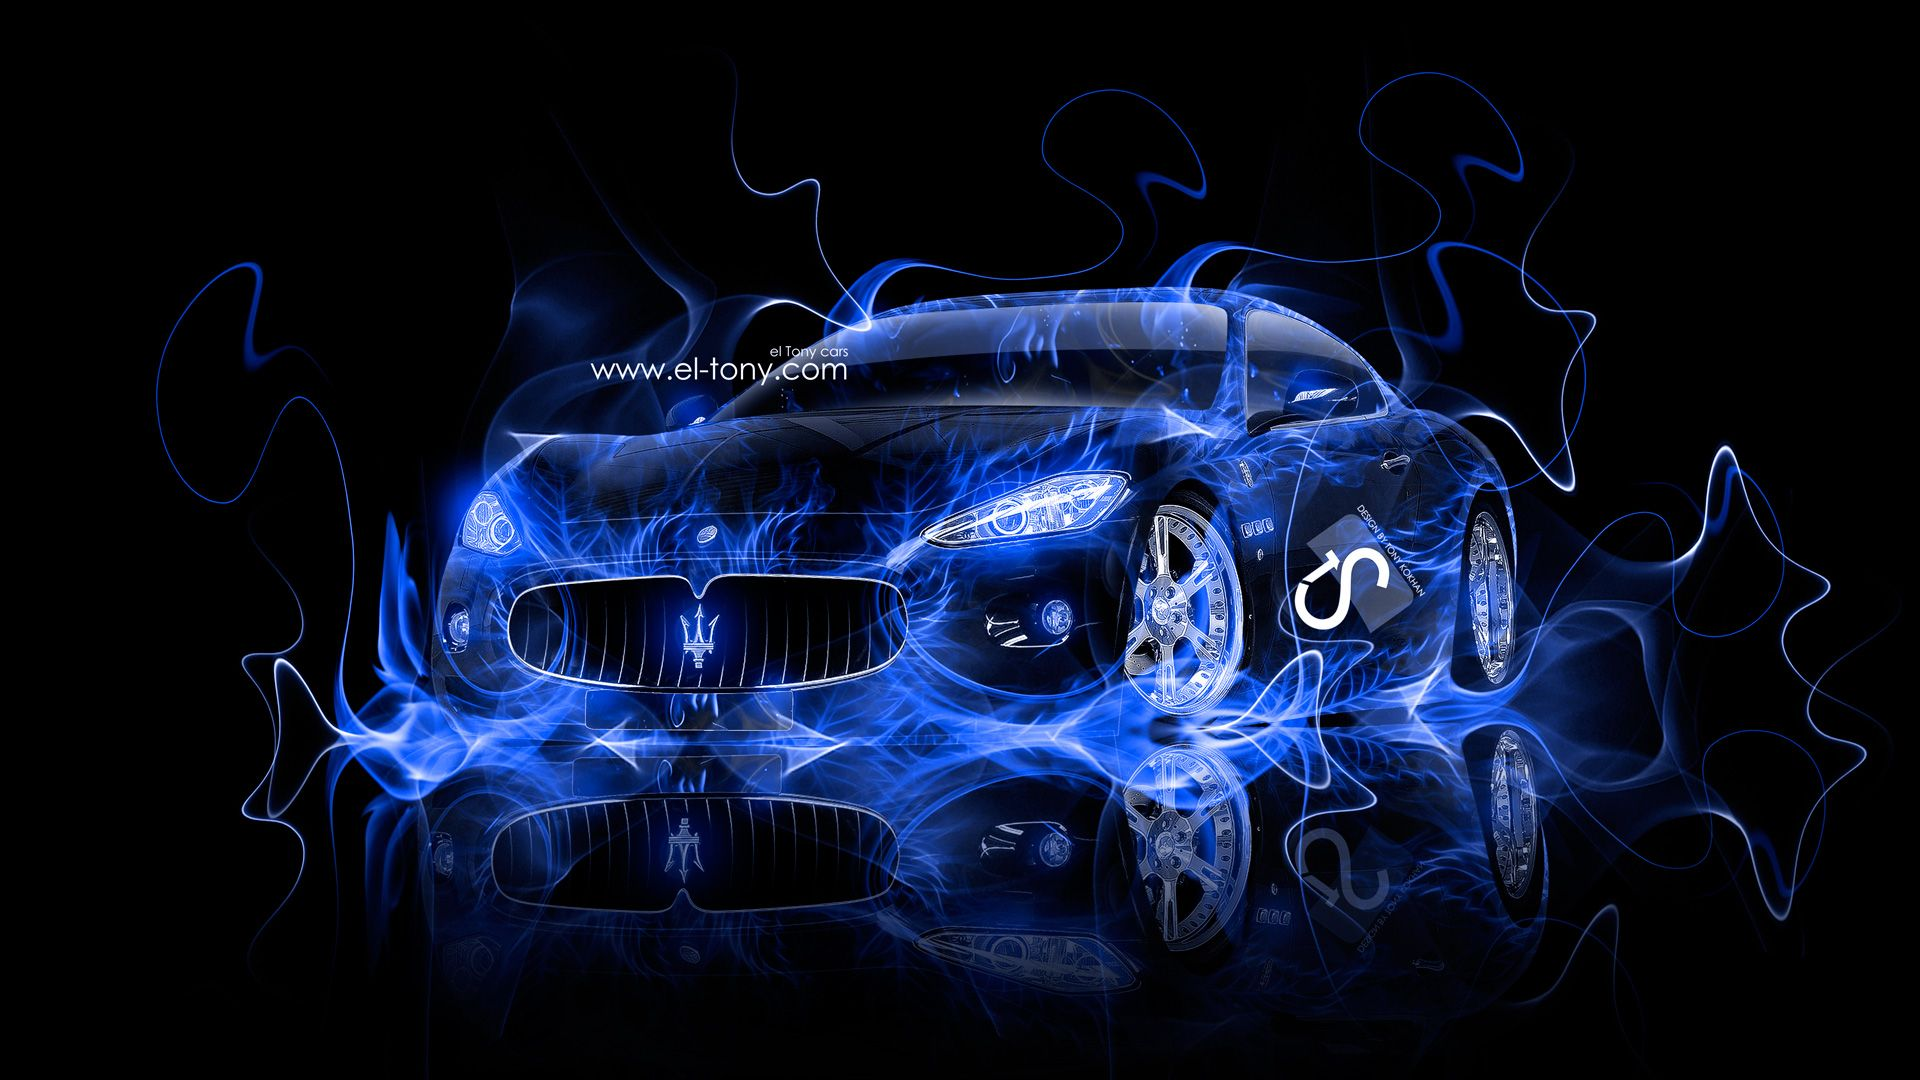 """1920x1080 Maserati Wallpapers 1920x1080 Group (90)"""">"""